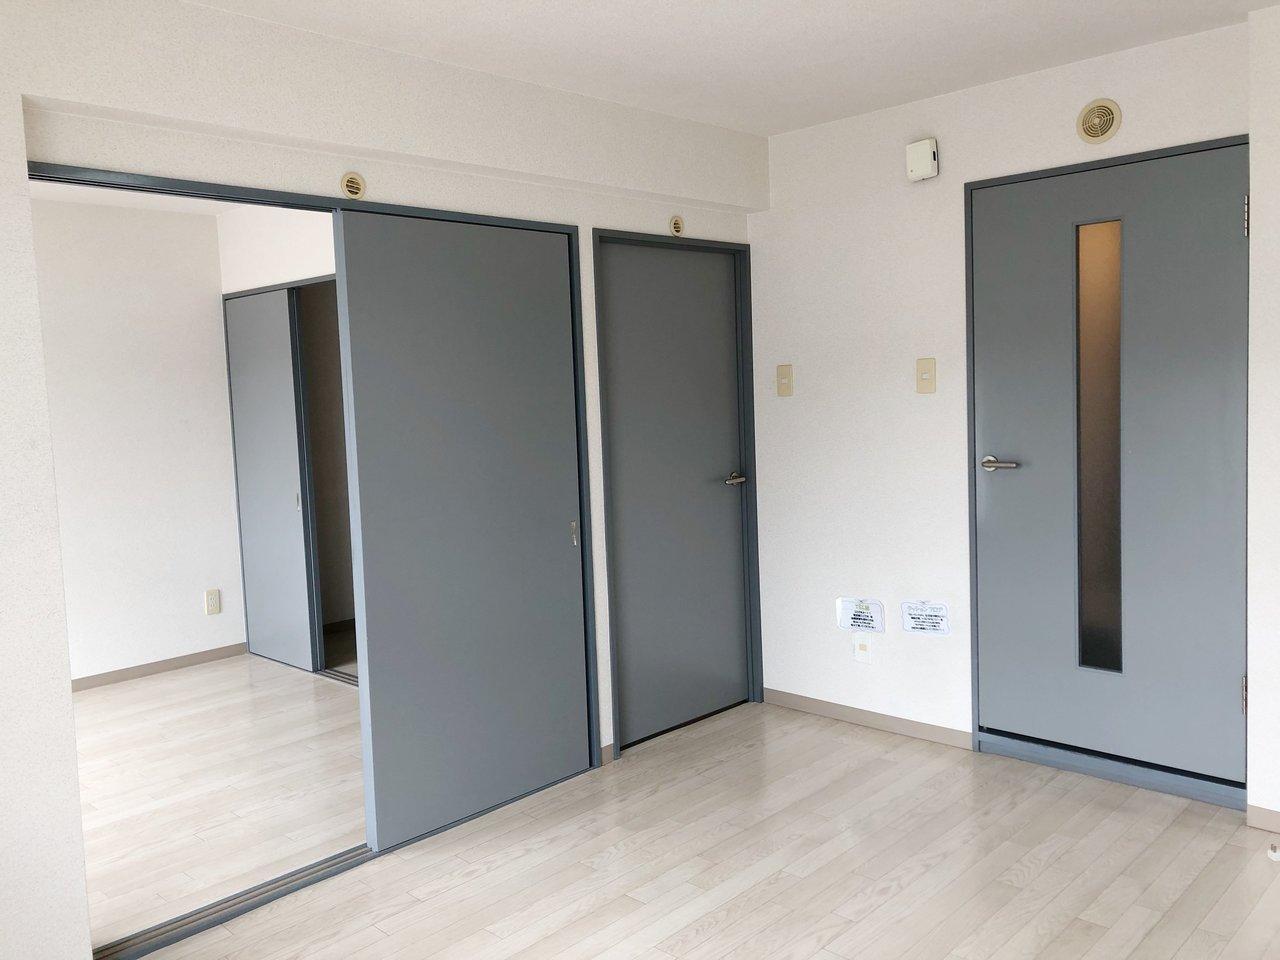 引き戸を通じて、各部屋行き来できるのが特徴。閉めたり開けたりしてみて、ライフスタイルに合わせた間取りを考えてもいいかも。